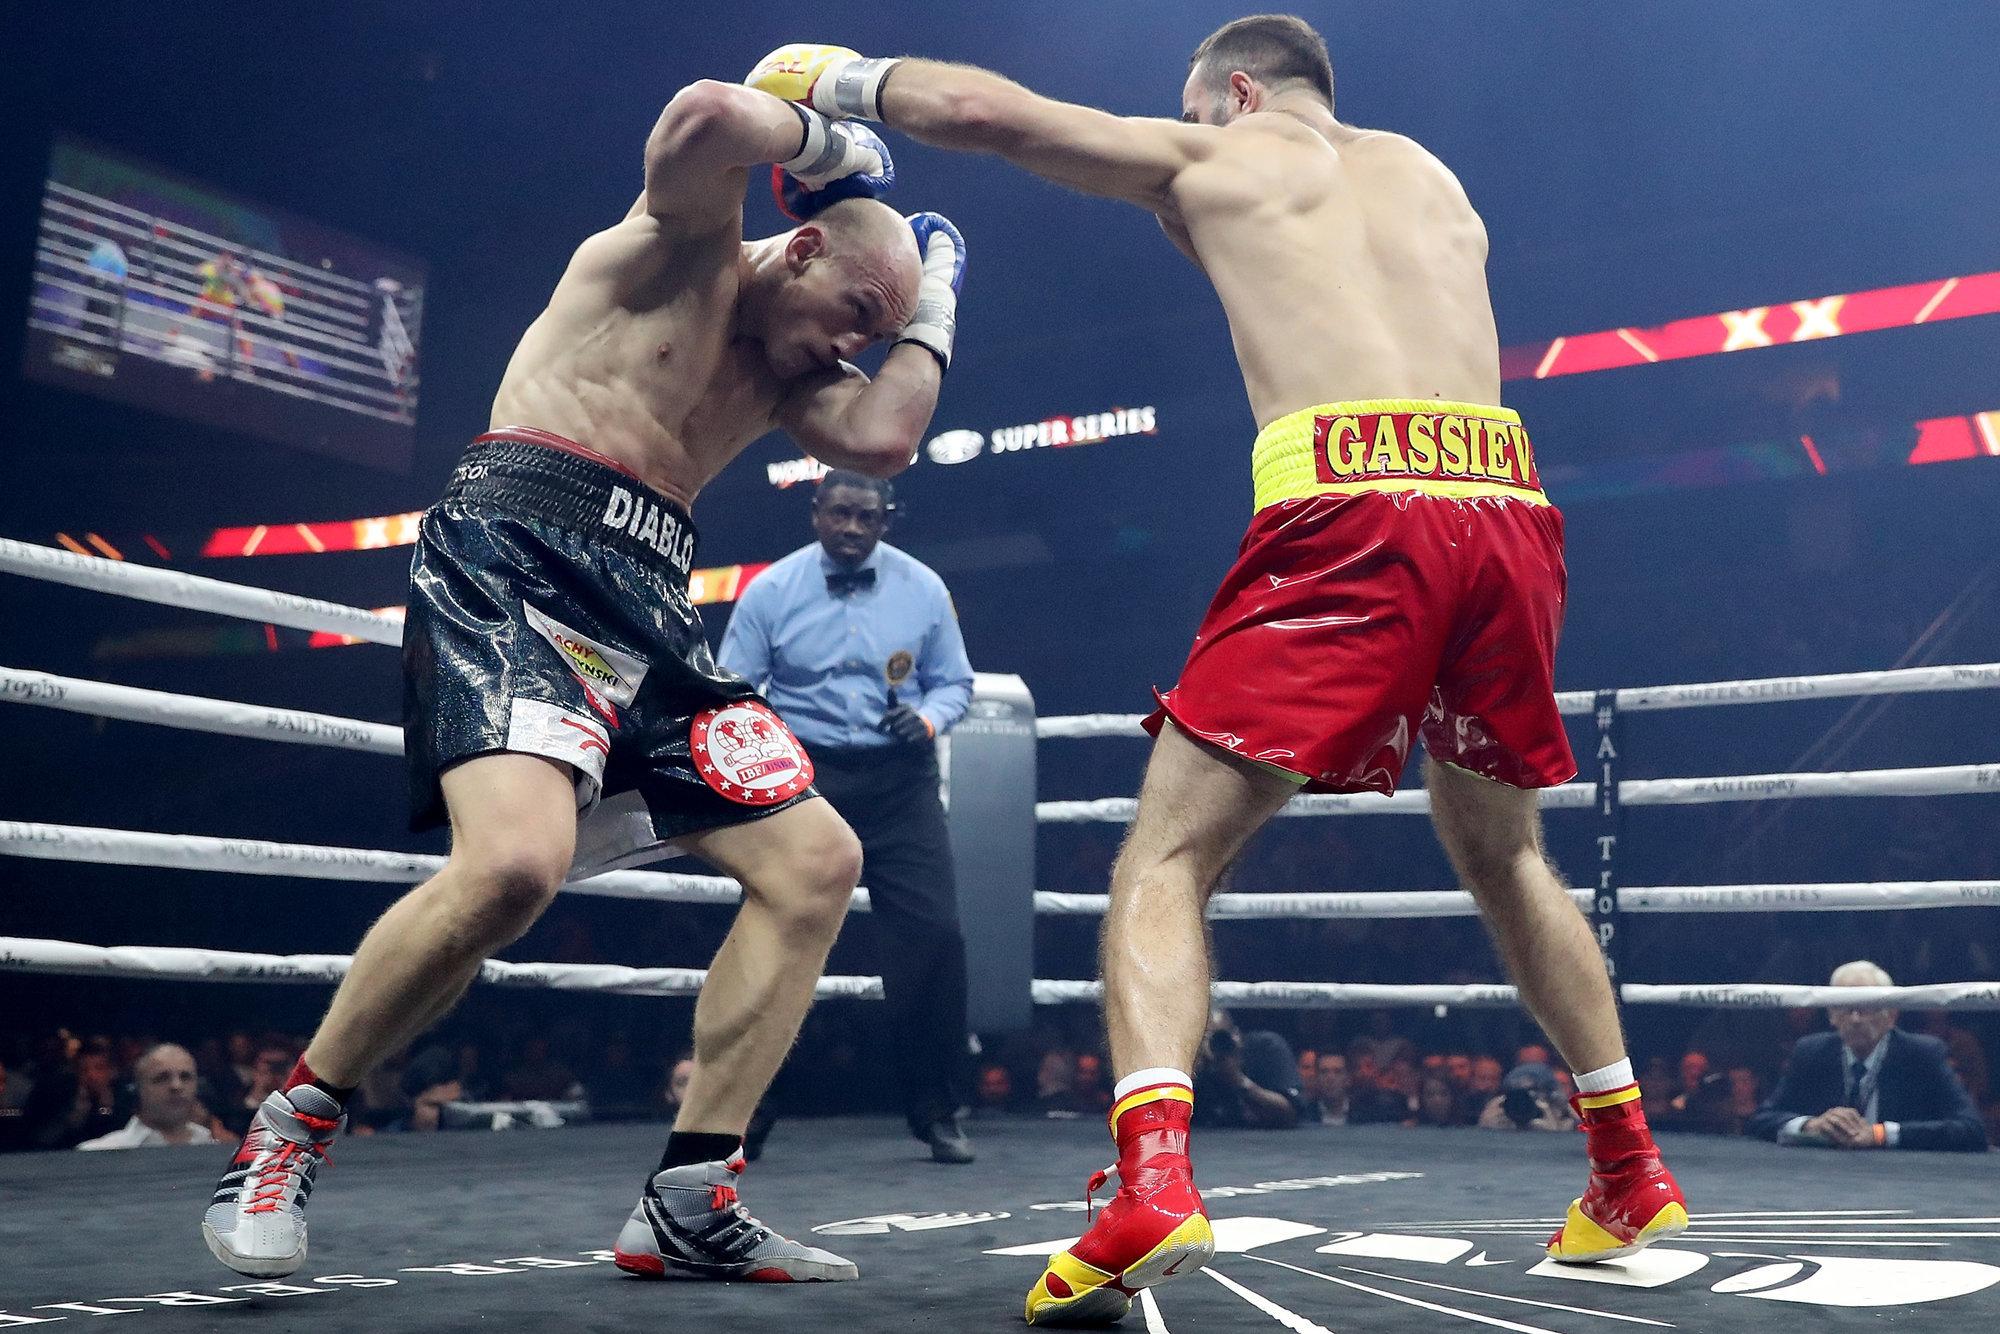 Санчес: вбою Гассиев— Дортикос победит тот, кто будет боксировать неменее умно